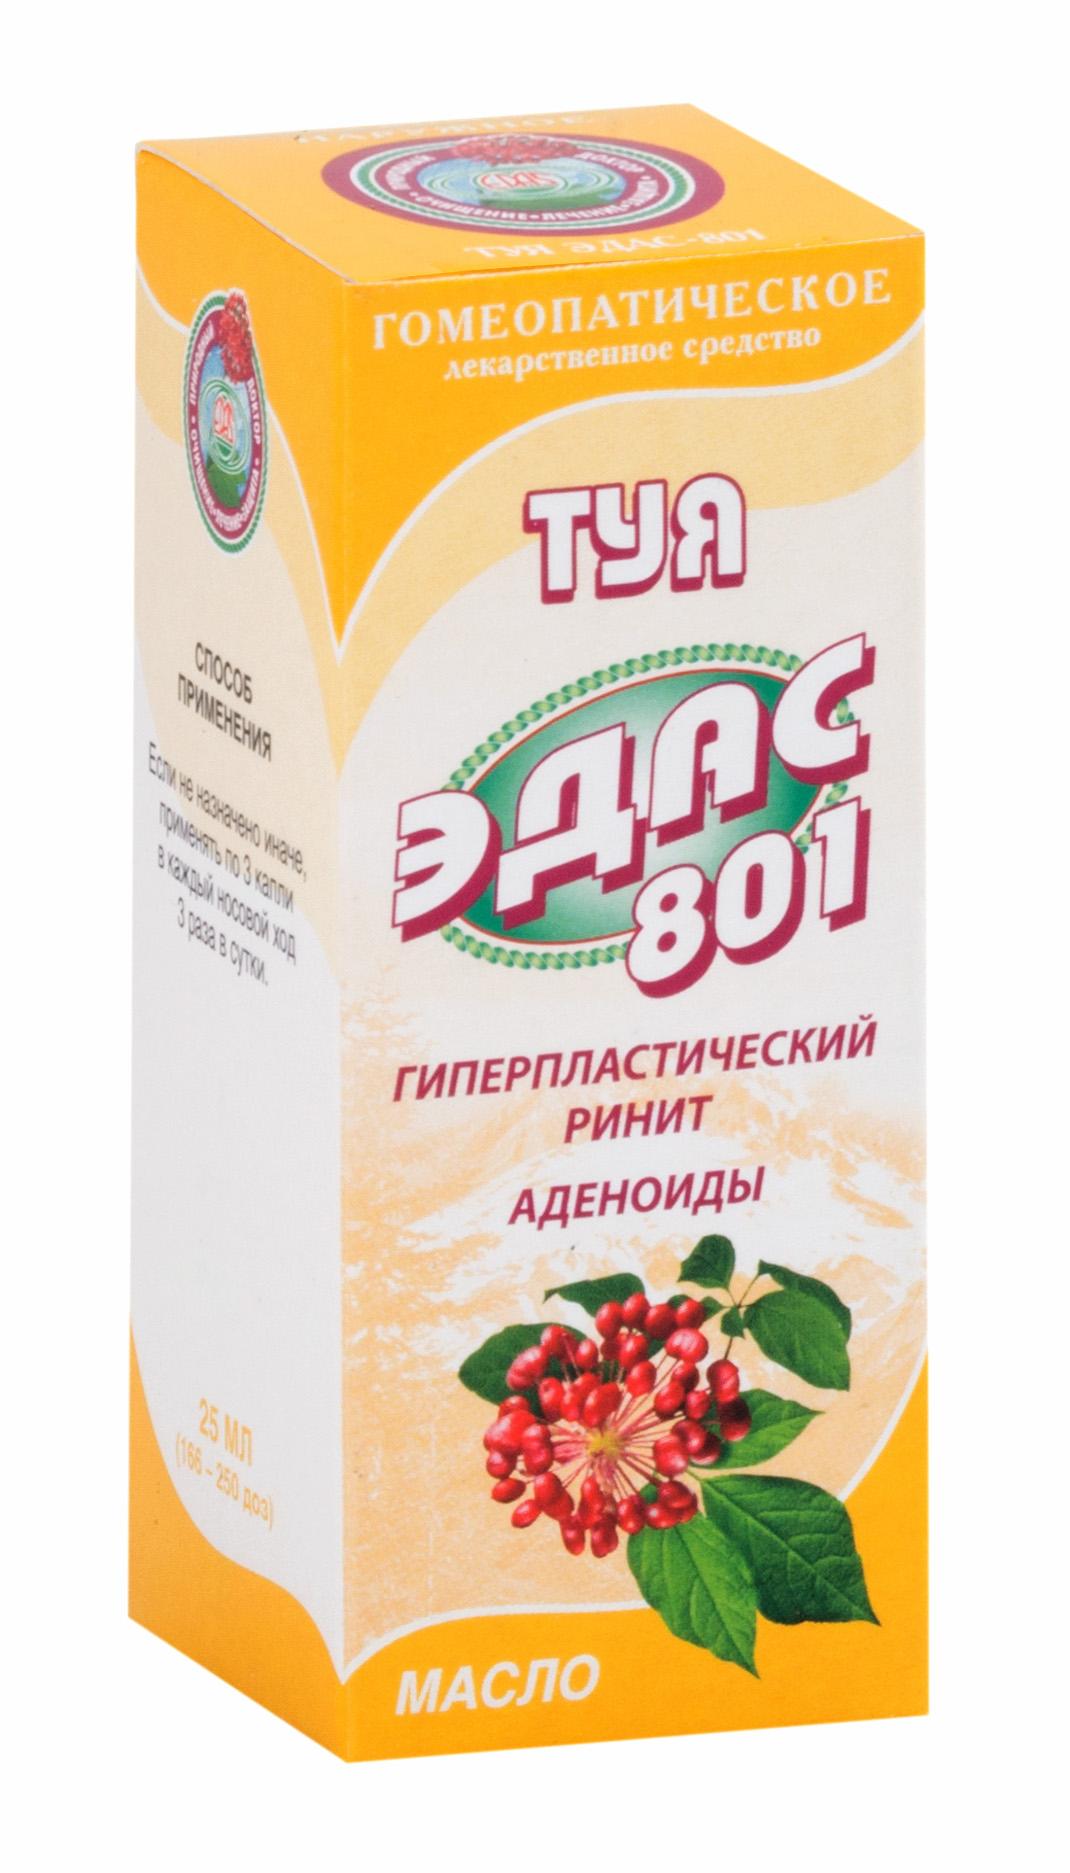 Туя Эдас-801 масло гомеопатическое 25мл